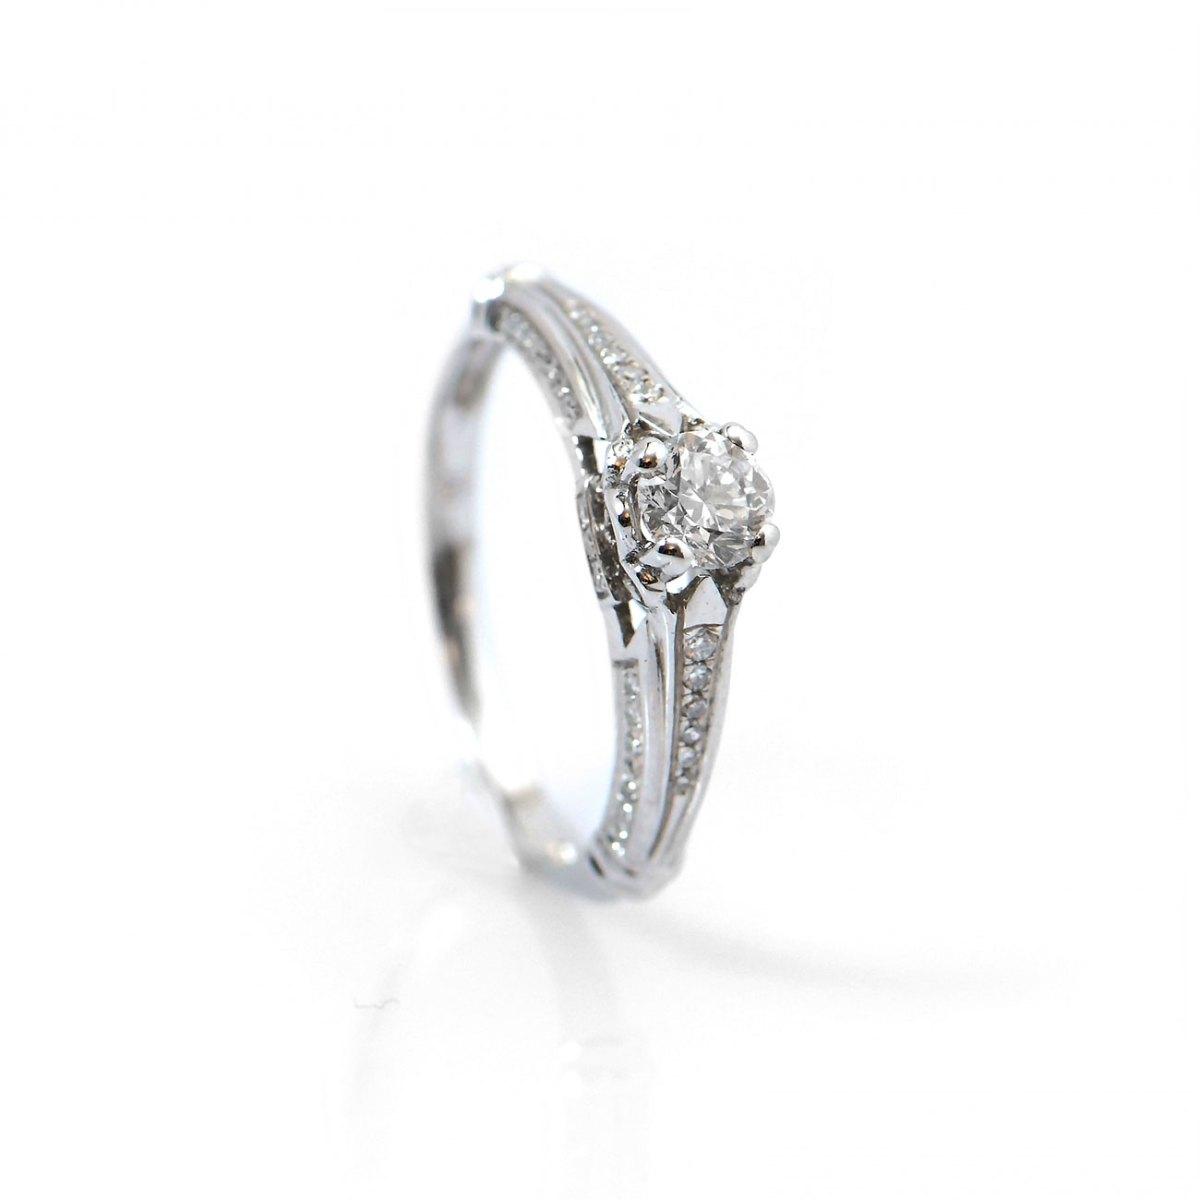 Bague diamant 0,38ct, diamants latéraux 0,12ct, serti griffes sur or blanc 750‰, T.54 modifiable   Réf. BA-B15247   EVENOR Joaillerie • Bijoux neufs, bijoux Vintage et bijoux d'occasion